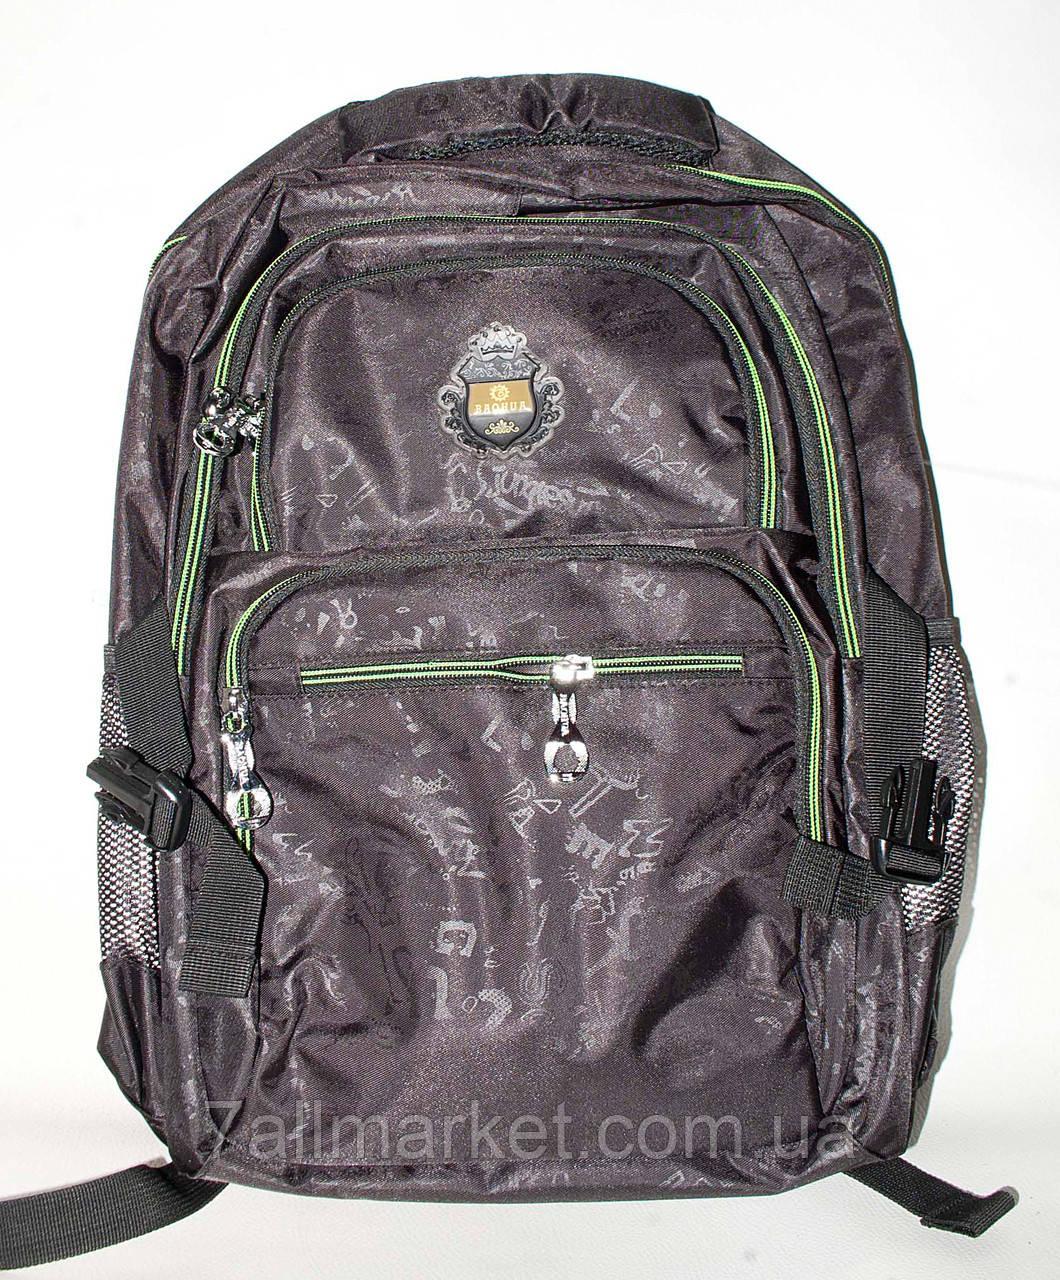 c87b449b2f75 ... Рюкзак мужской спортивный текстильный размер 30*50 (2 цвета) Серии